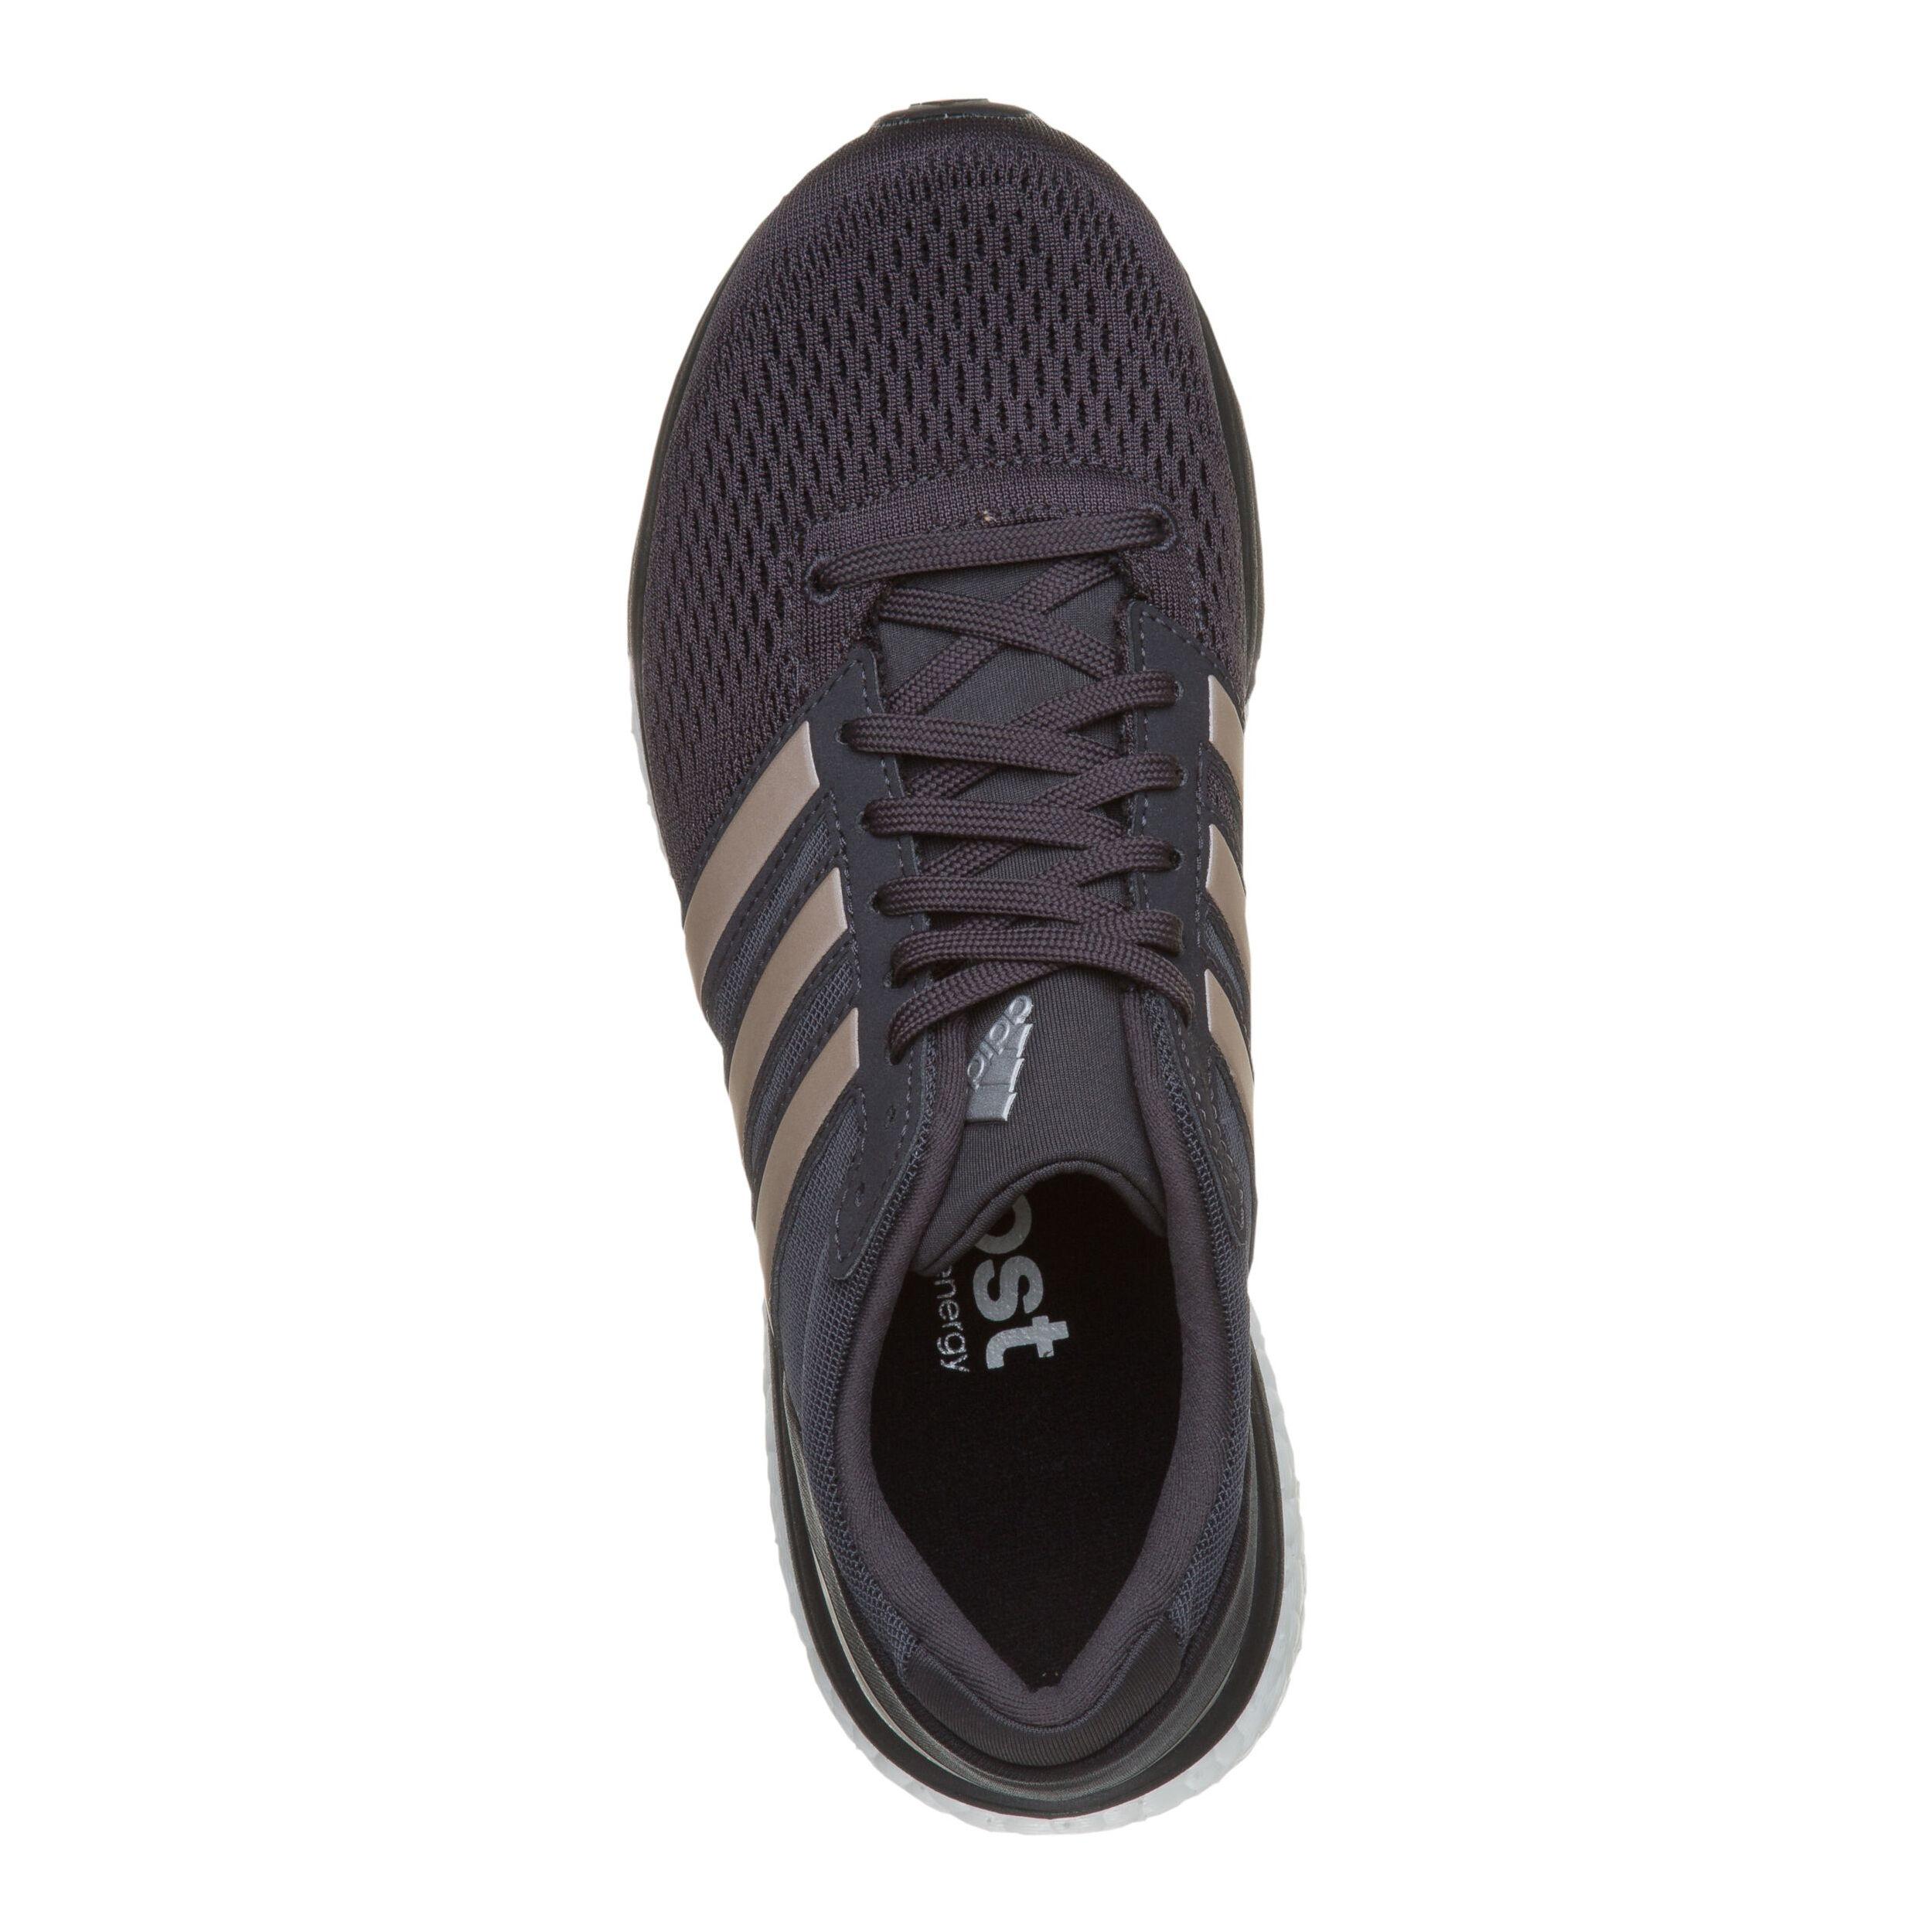 adidas Adizero Boston 6 Laufschuhe Damen utility schwarz